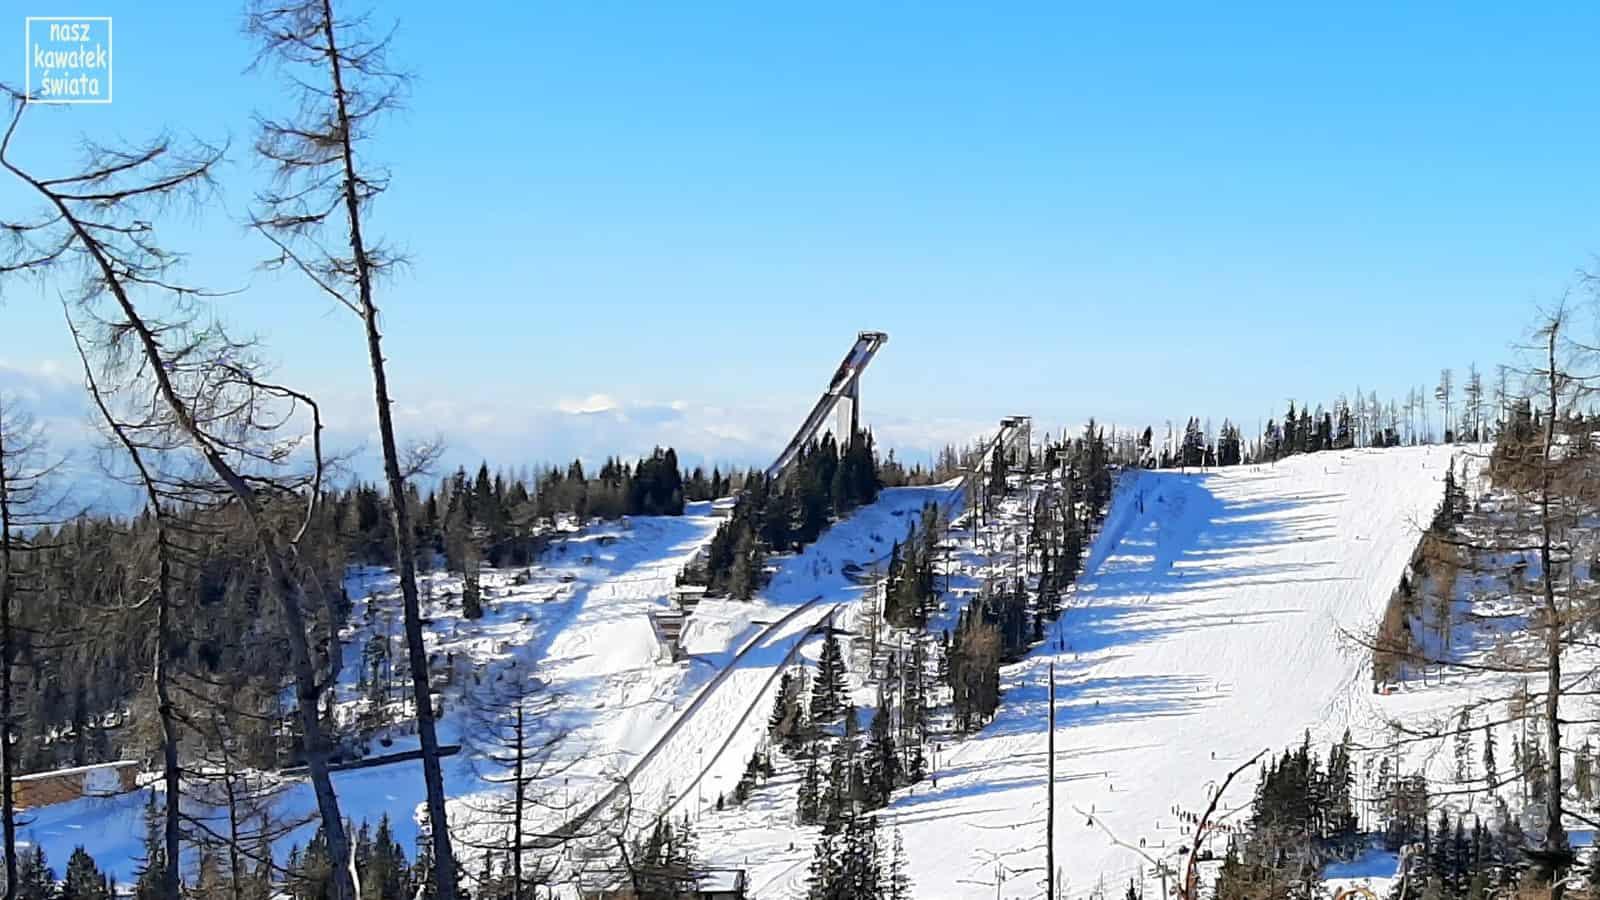 Widok na skocznie narciarskie w Szczyrbskim Jeziorze z czerwonego szlaku.